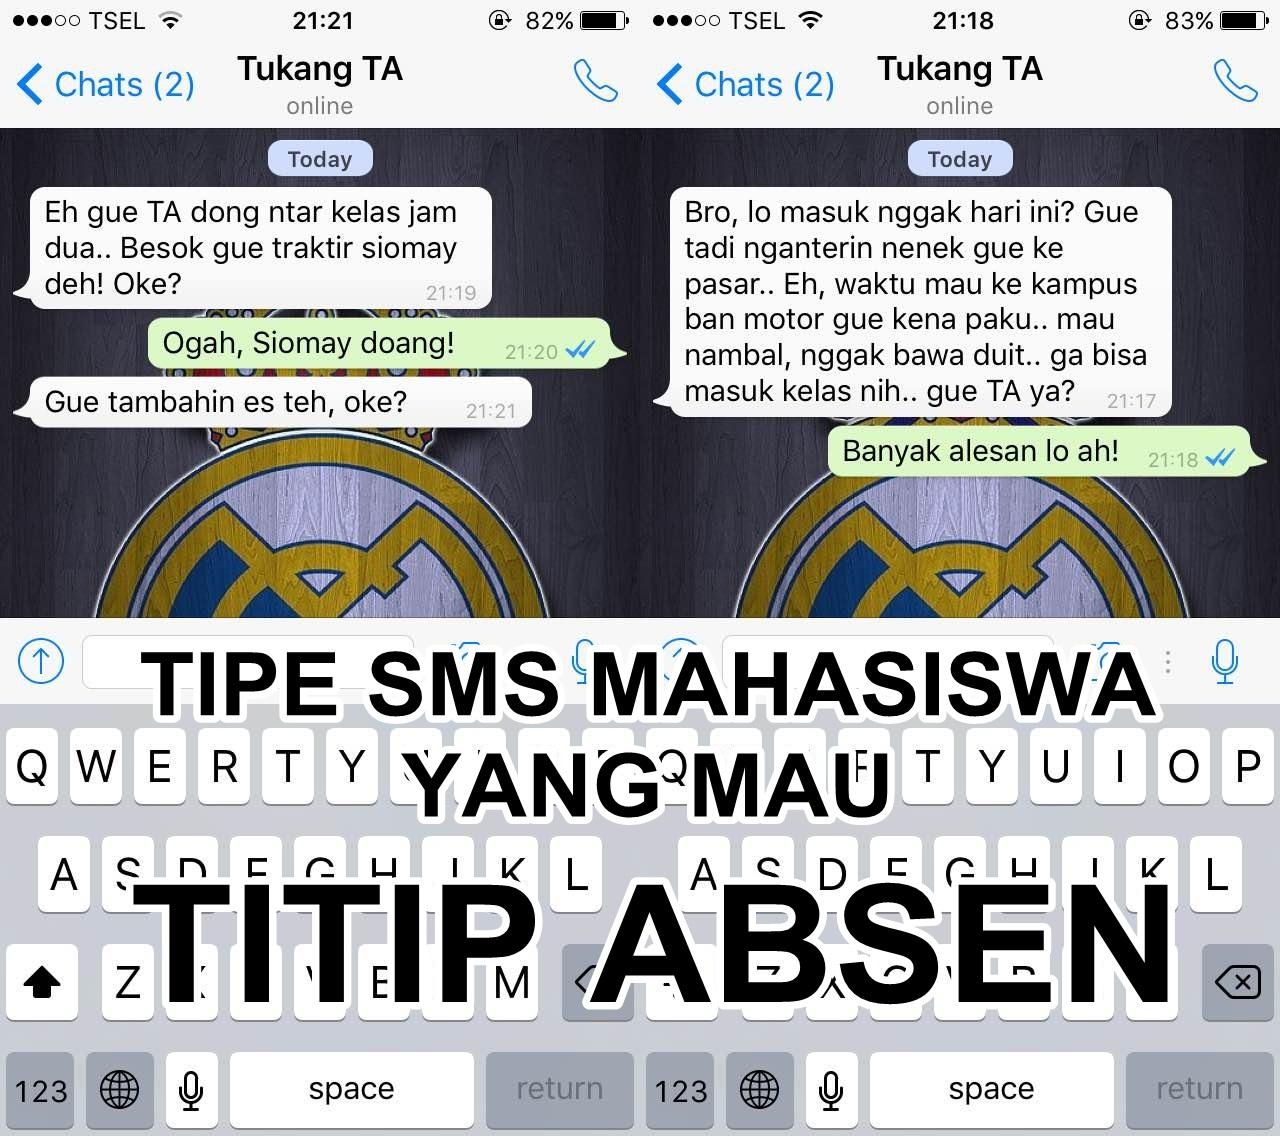 7 Tipe SMS mahasiswa yang mau titip absen, ngeselin nggak sih?